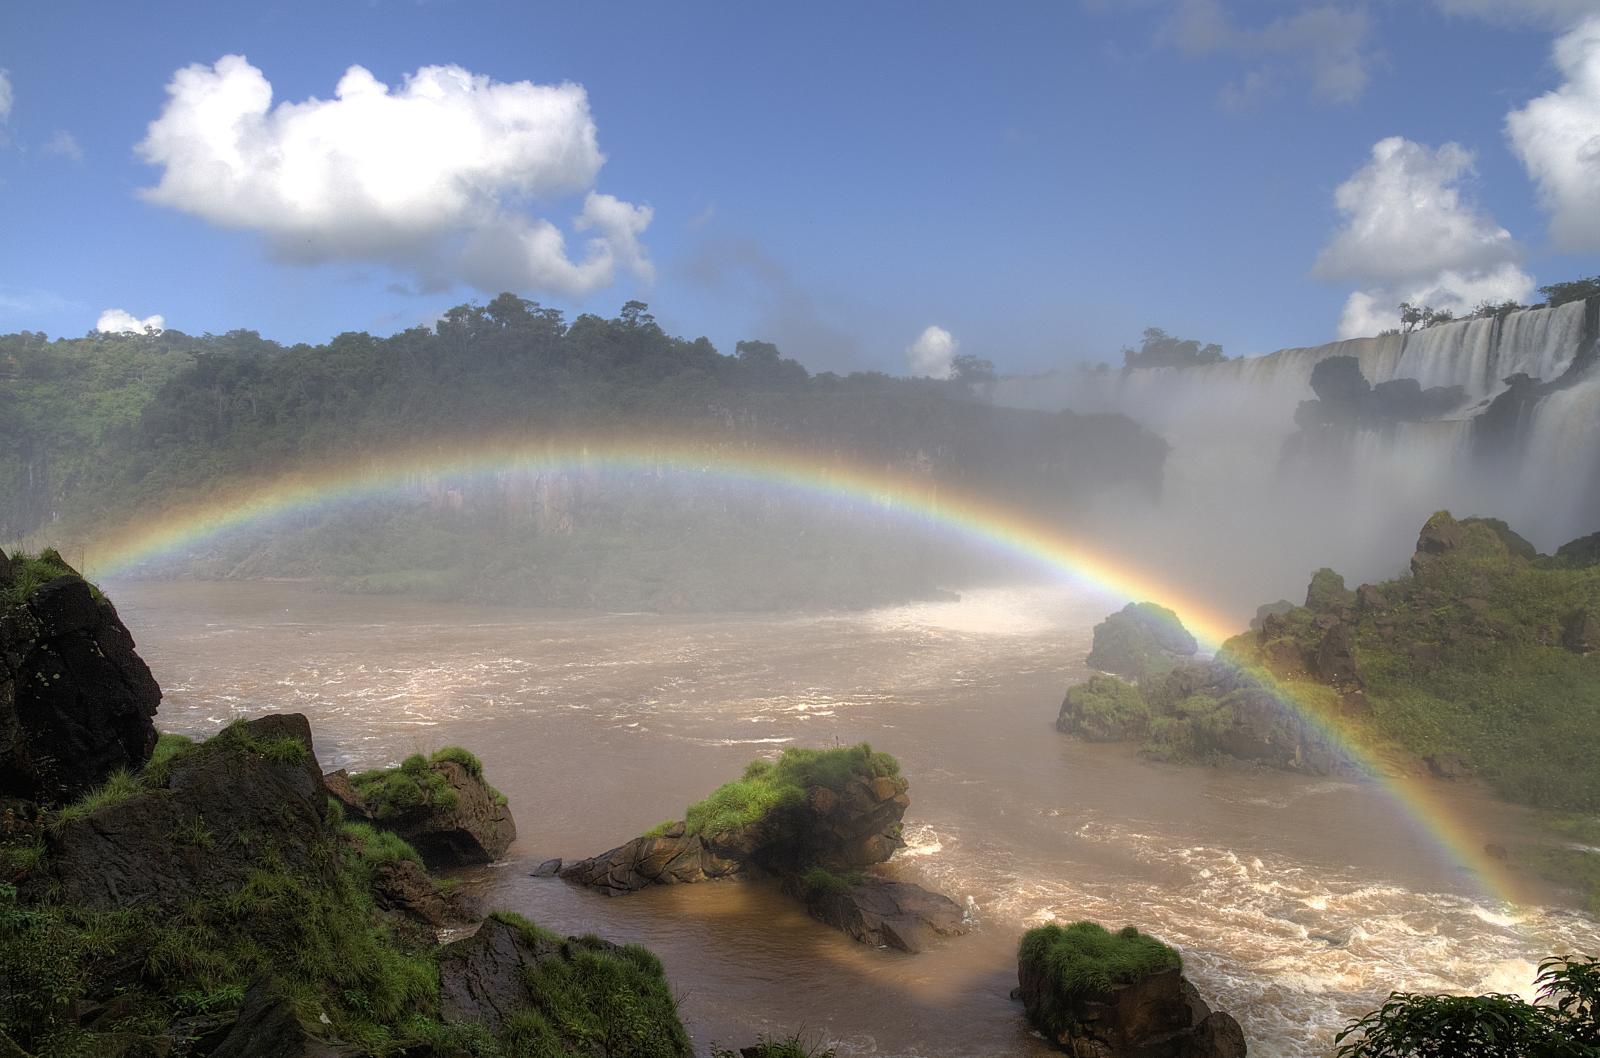 cataratas y arcoiris